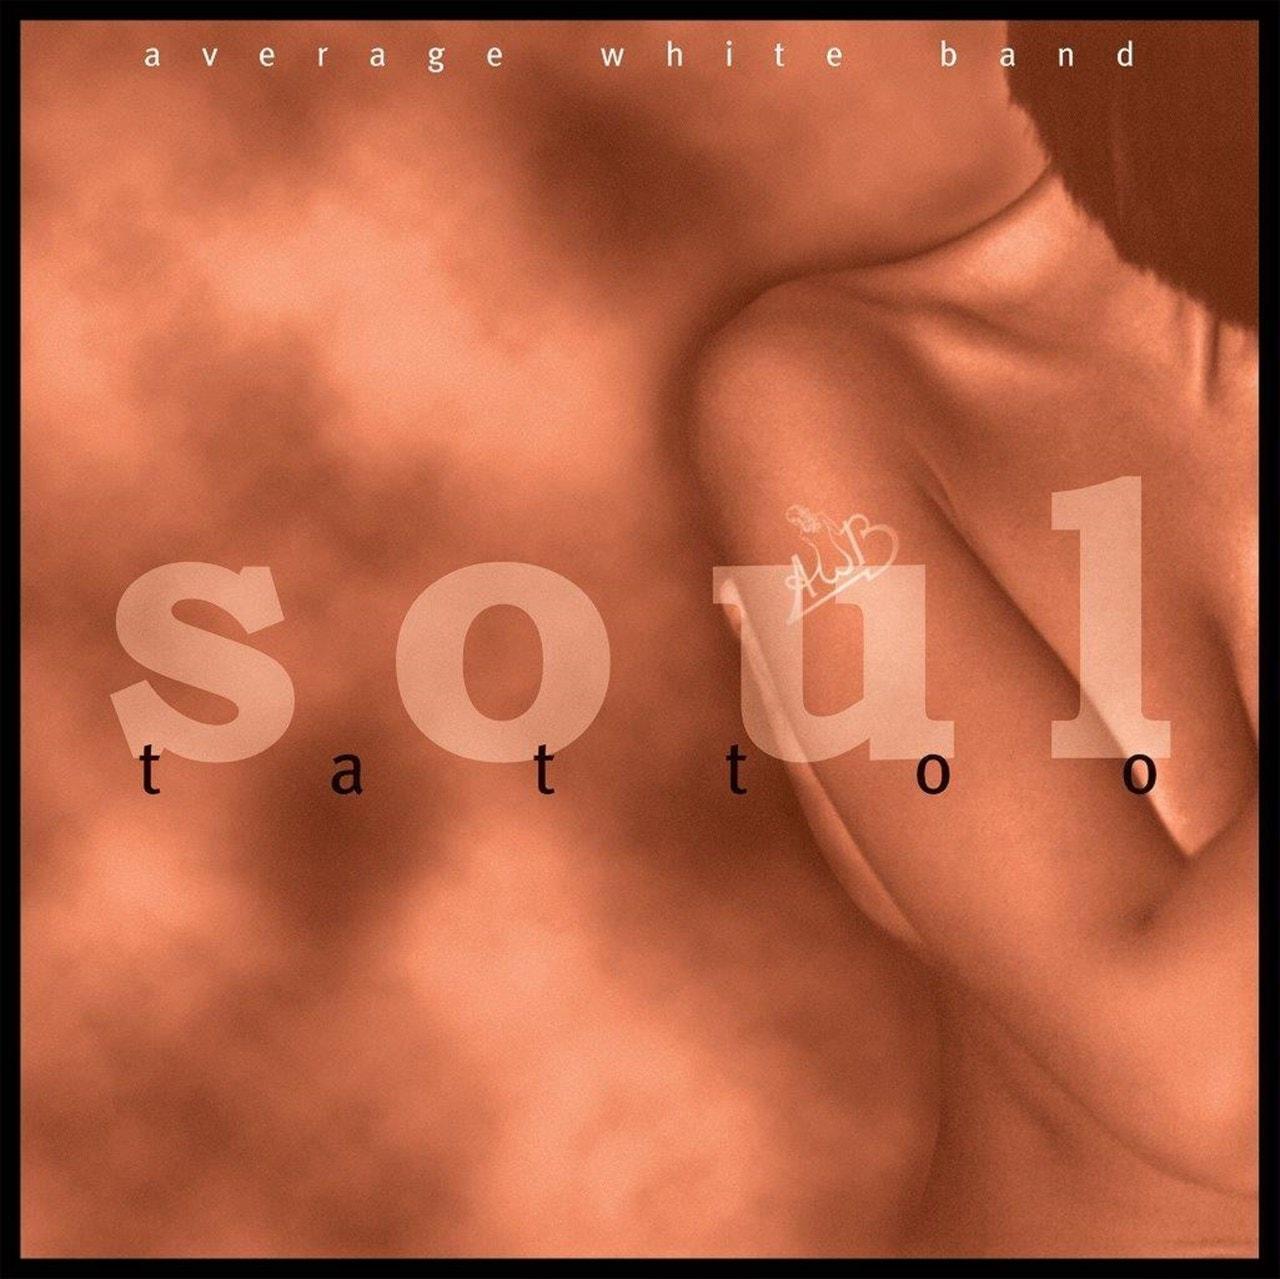 Soul Tattoo - 1